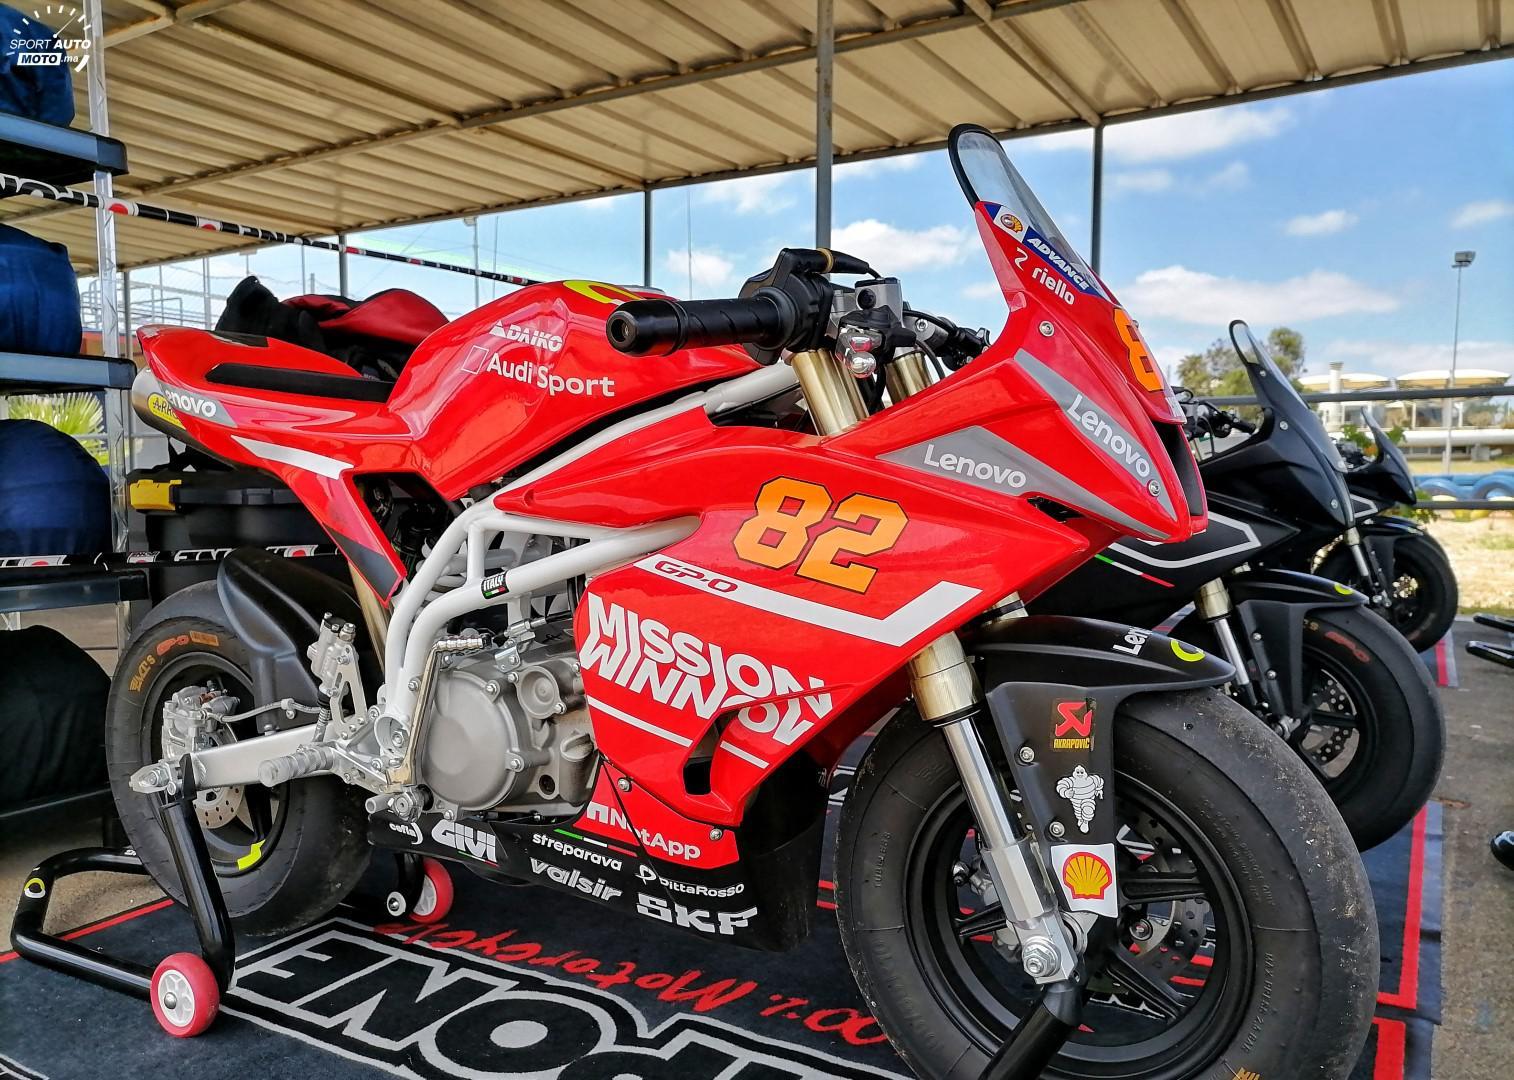 la-marque-de-moto-de-competition-ohvale-officiellement-au-maroc-1316-11.jpg